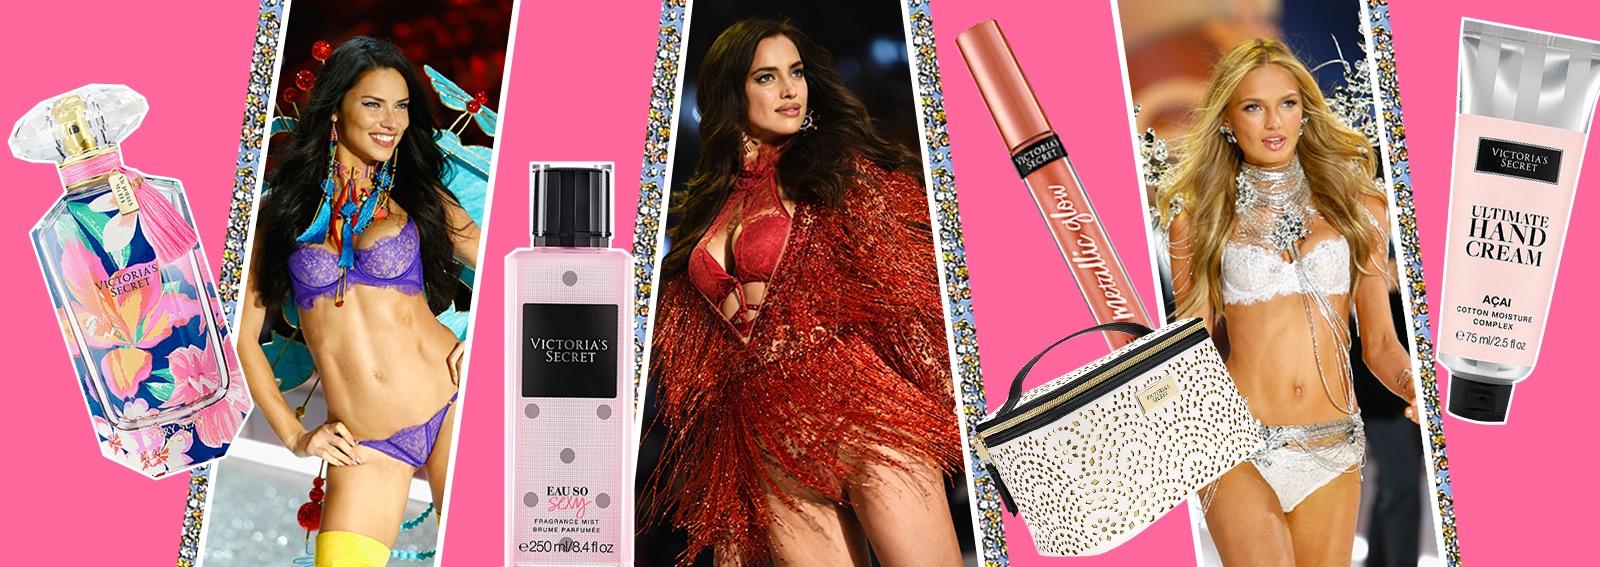 Victoria Secret prodotti beauty da avere collage_desktop